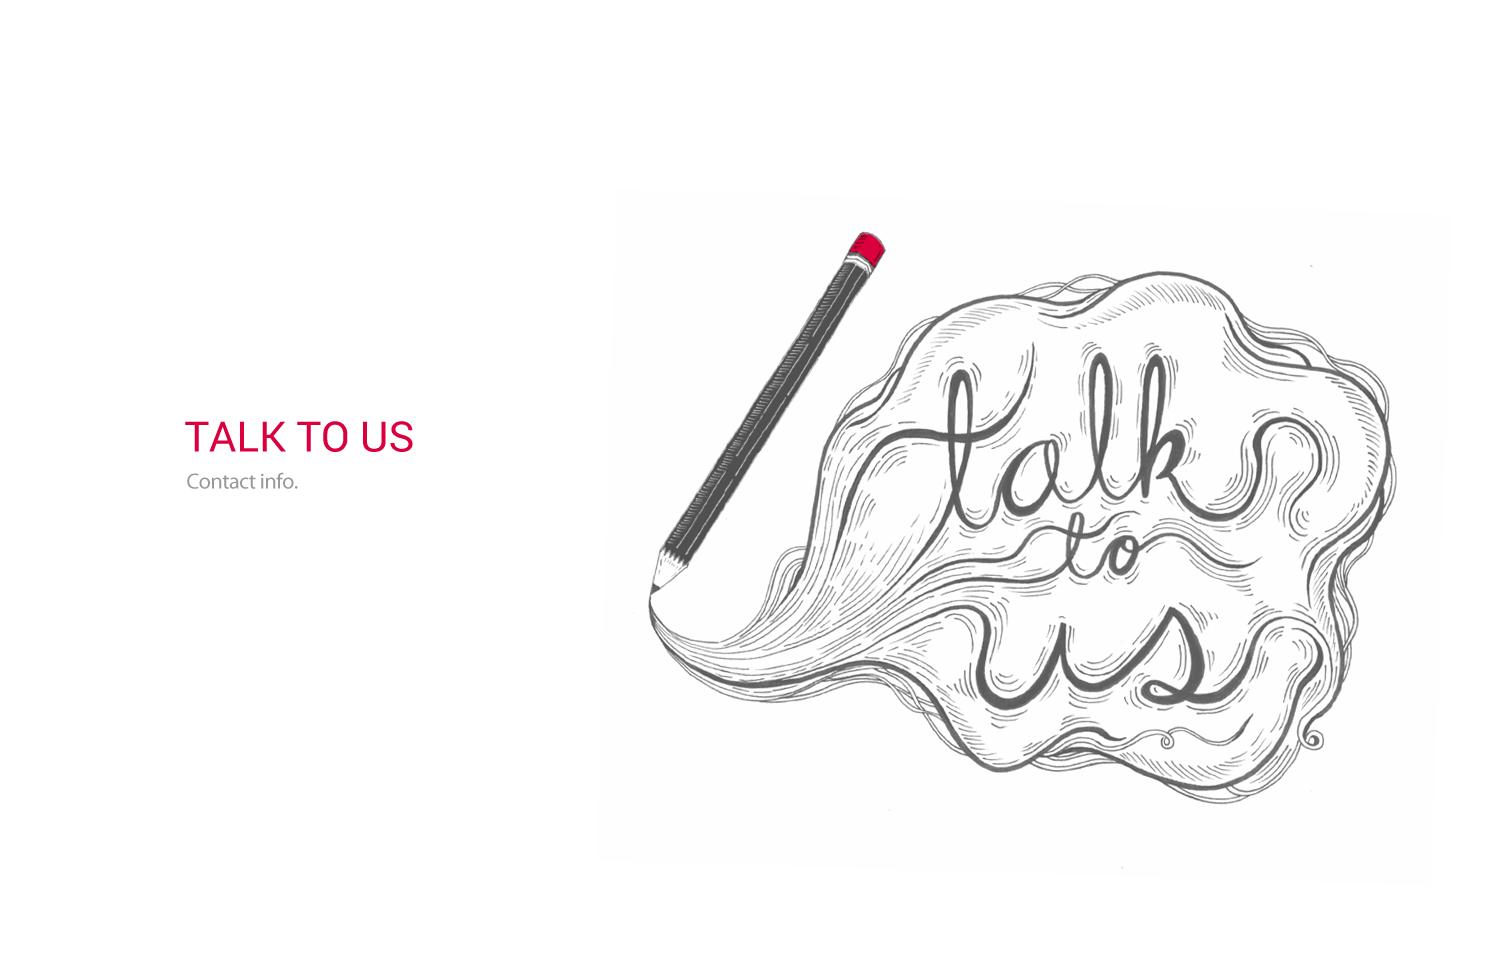 6_talk_to_us.jpg